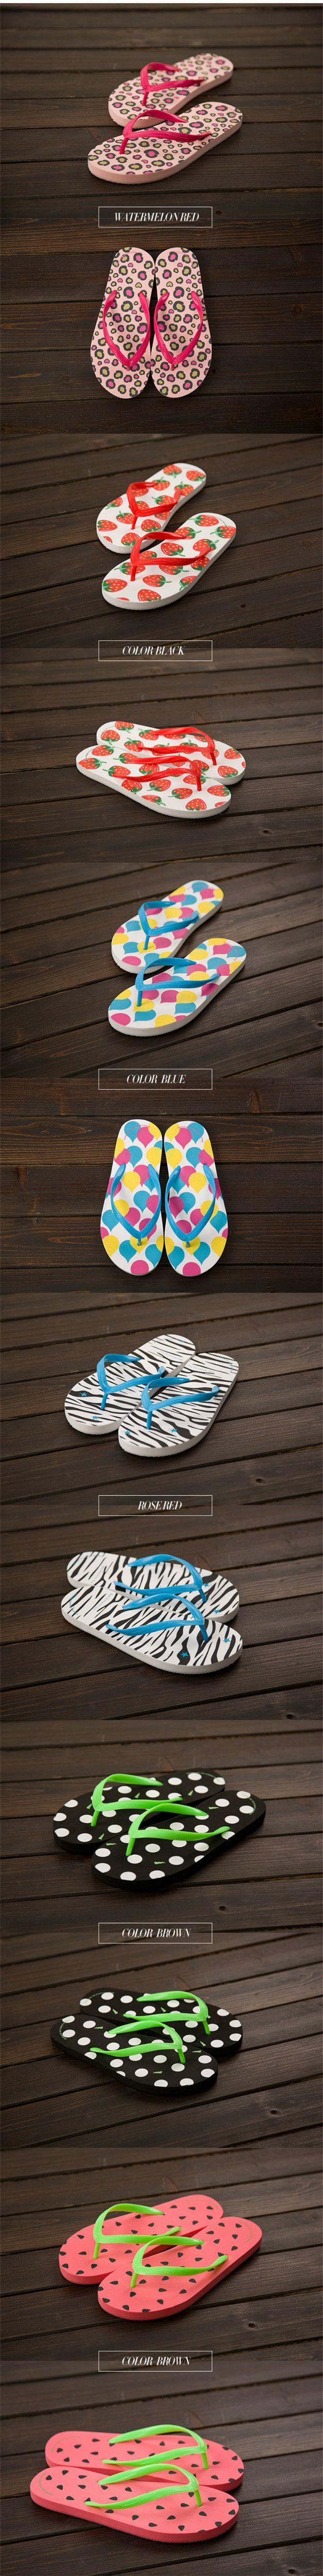 Summer antiskid beach woman flip-flops EVA flat sandals women beach slippers flip-flop women Pure color sandals #Importexpress #wholesaler #beachslipper #FlipFlop